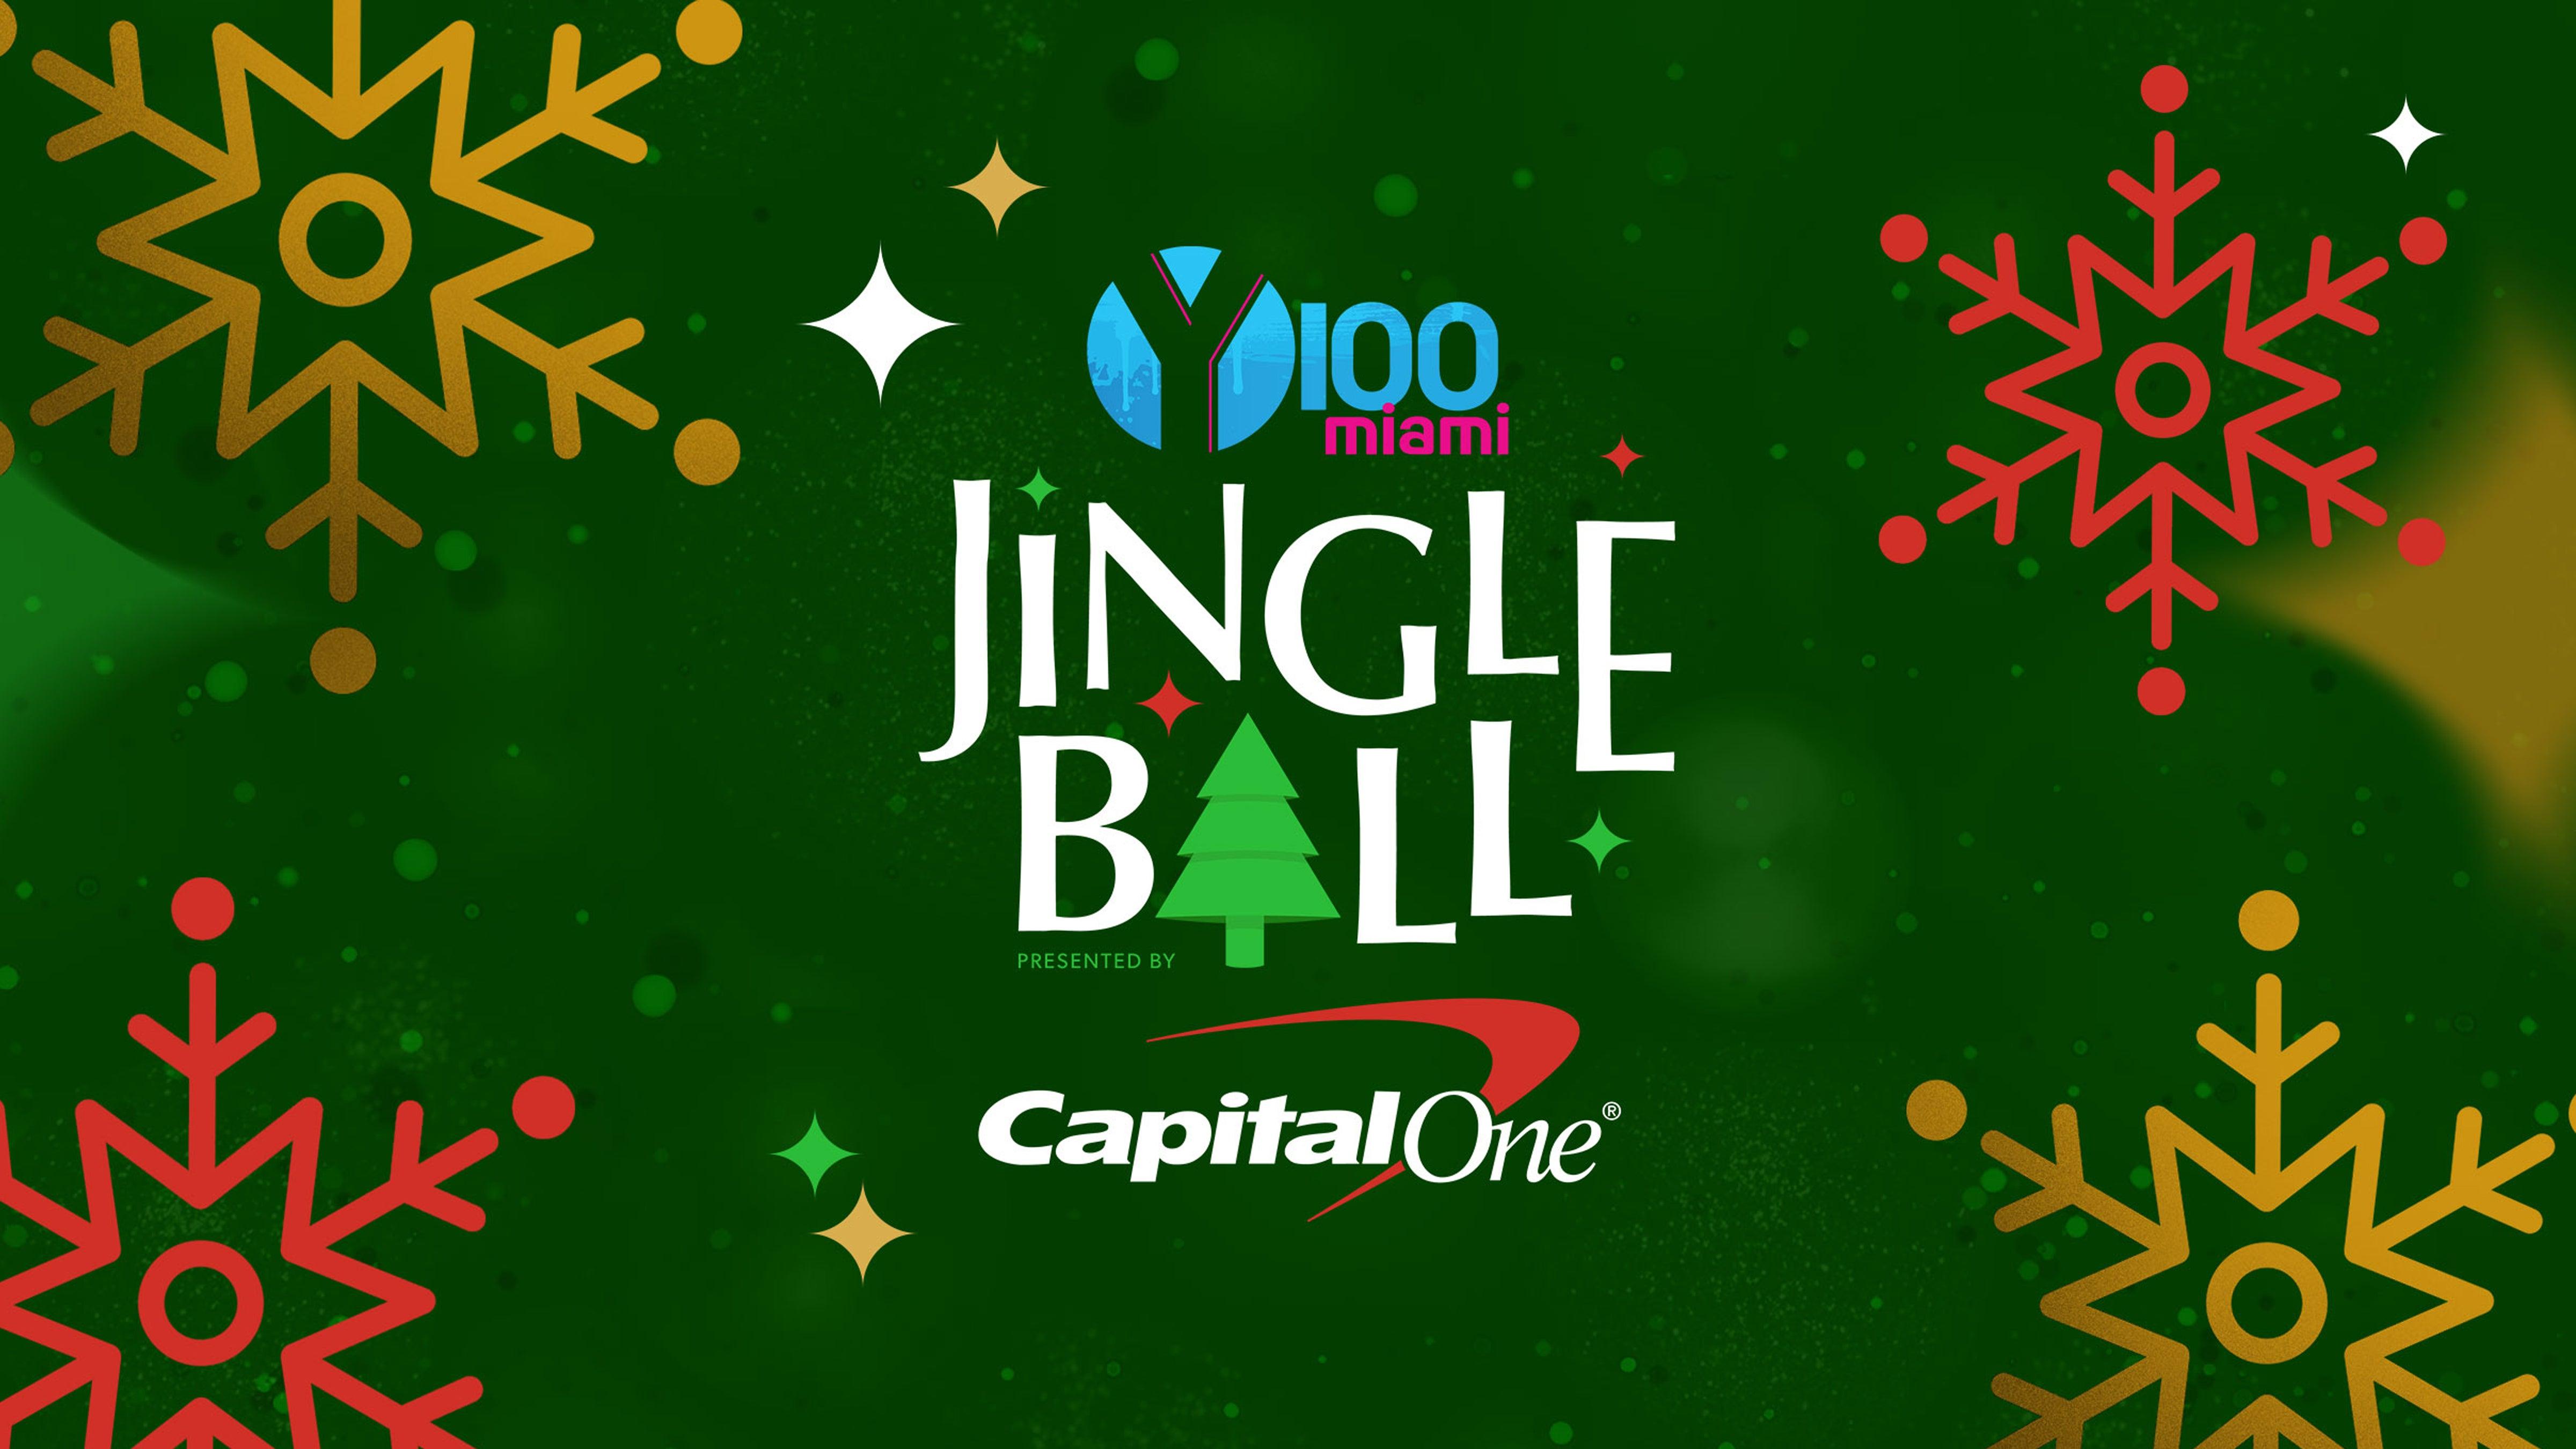 Y100's Jingle Ball